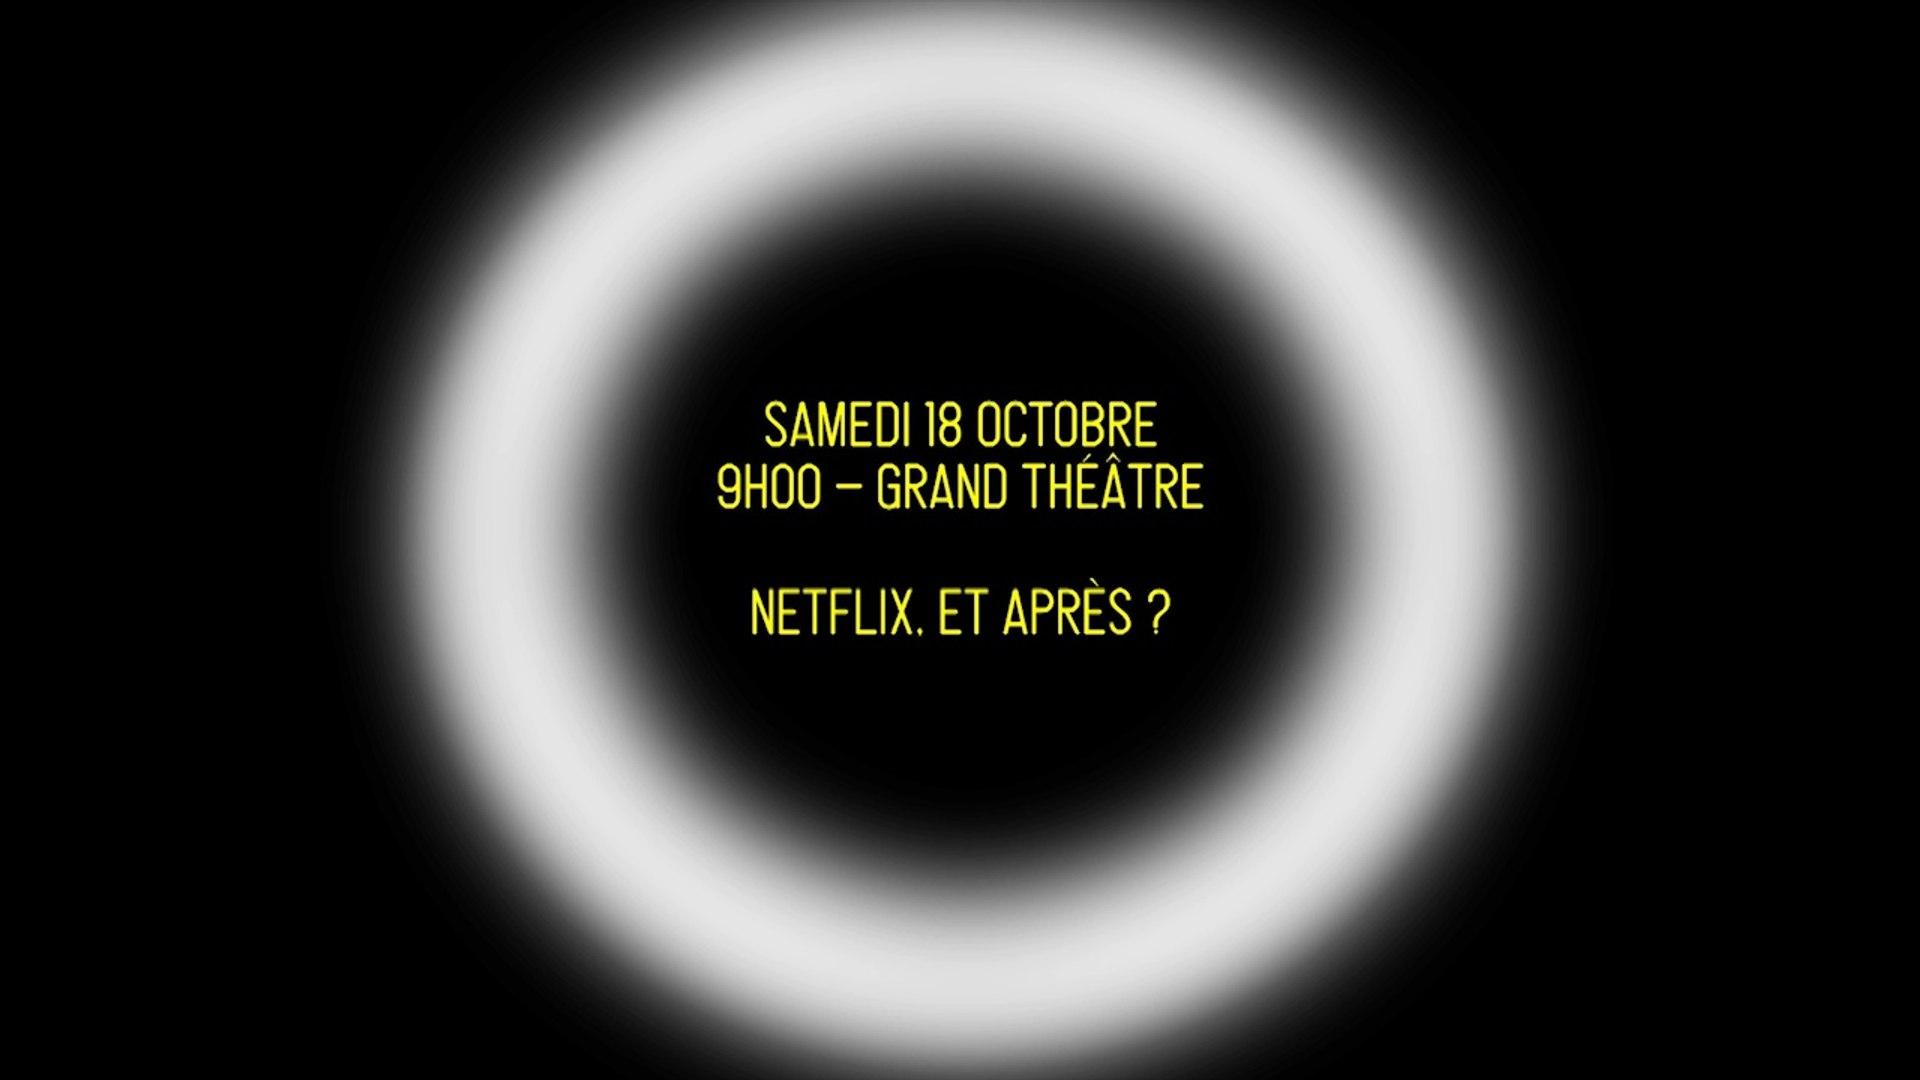 Netflix, et après ?